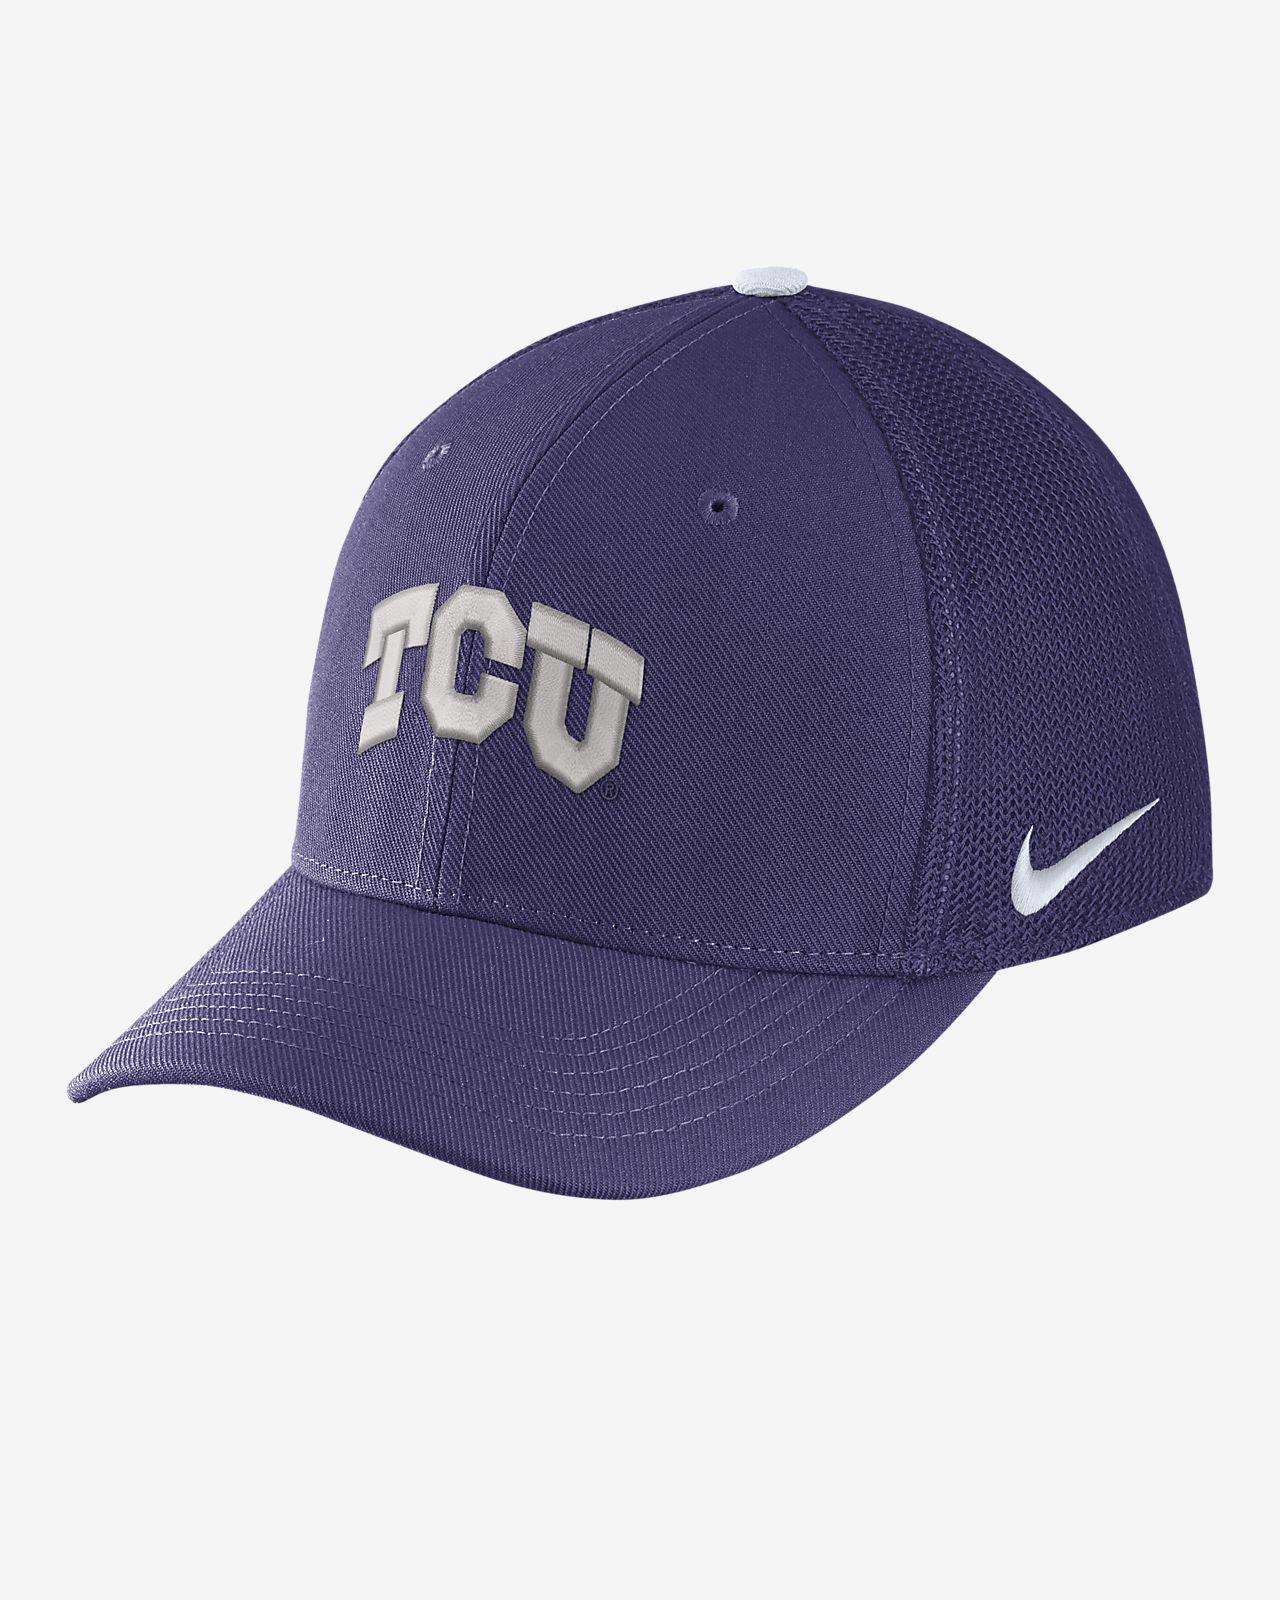 release date 755ce 0fb6f ... where can i buy nike college classic 99 swoosh flex tcu fitted hat  473db 9dc49